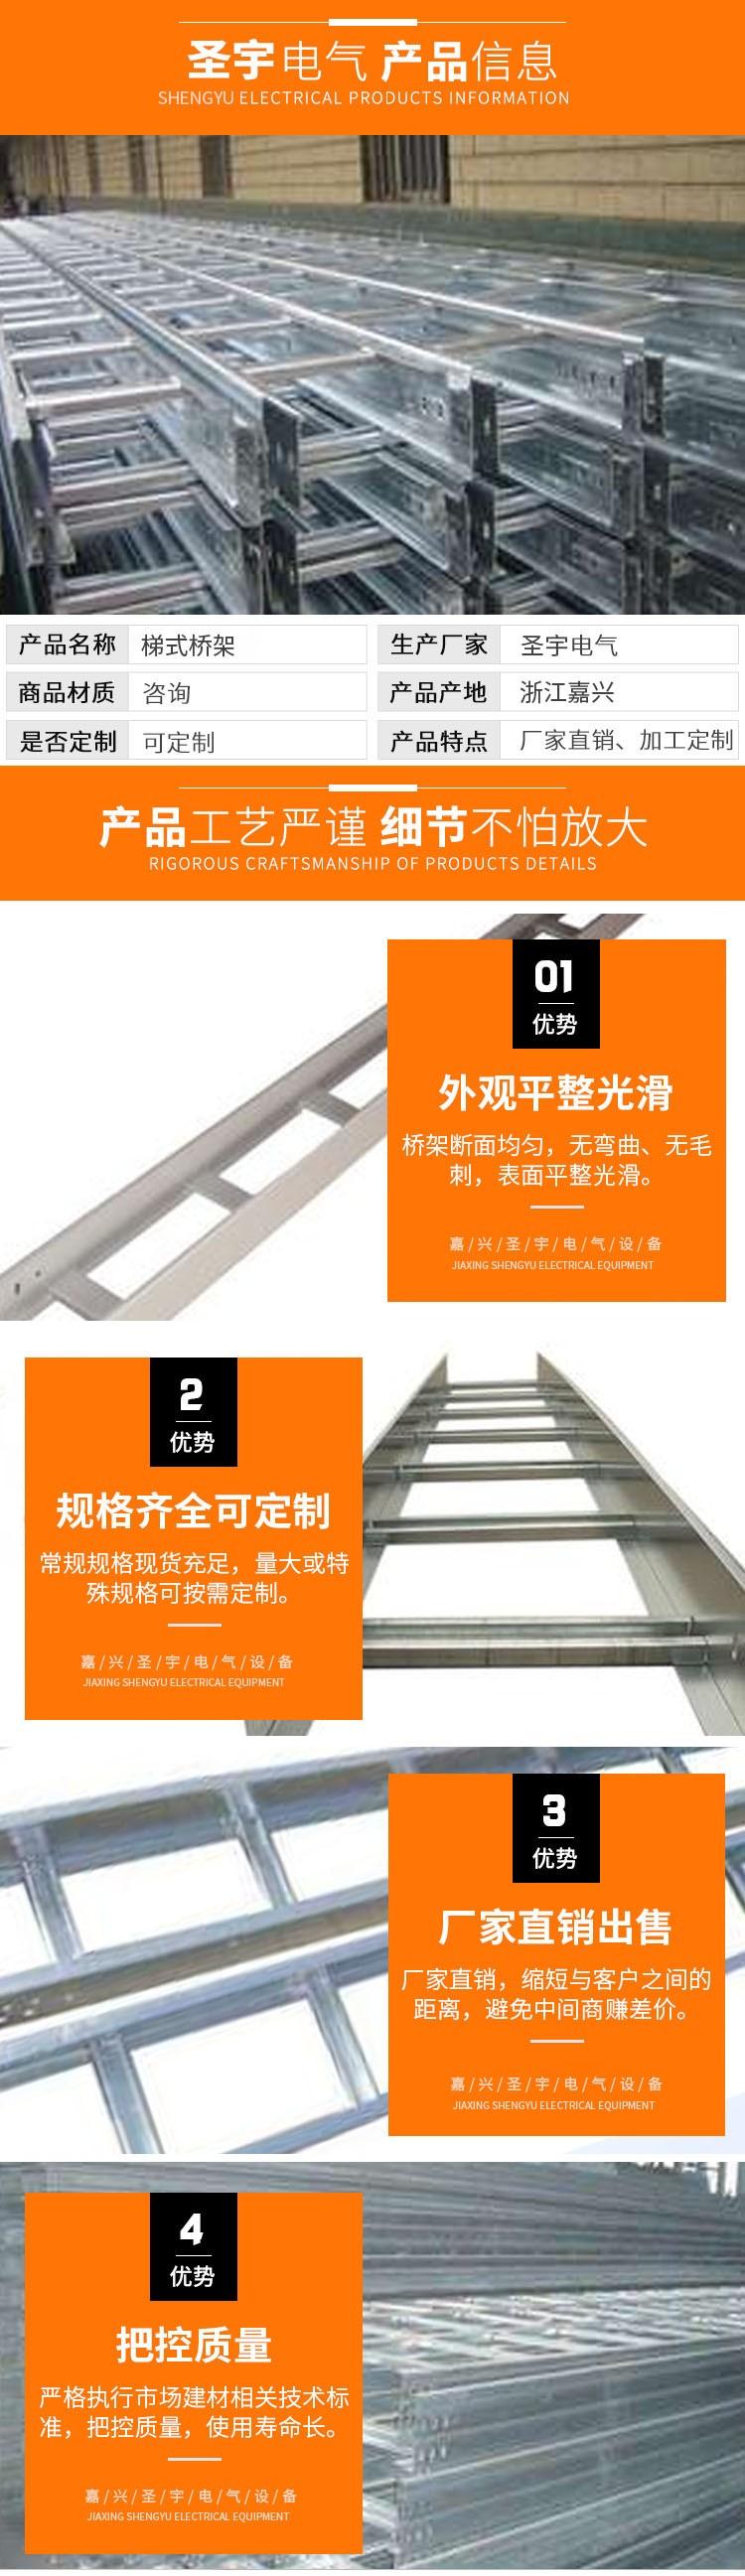 梯式桥架.jpg